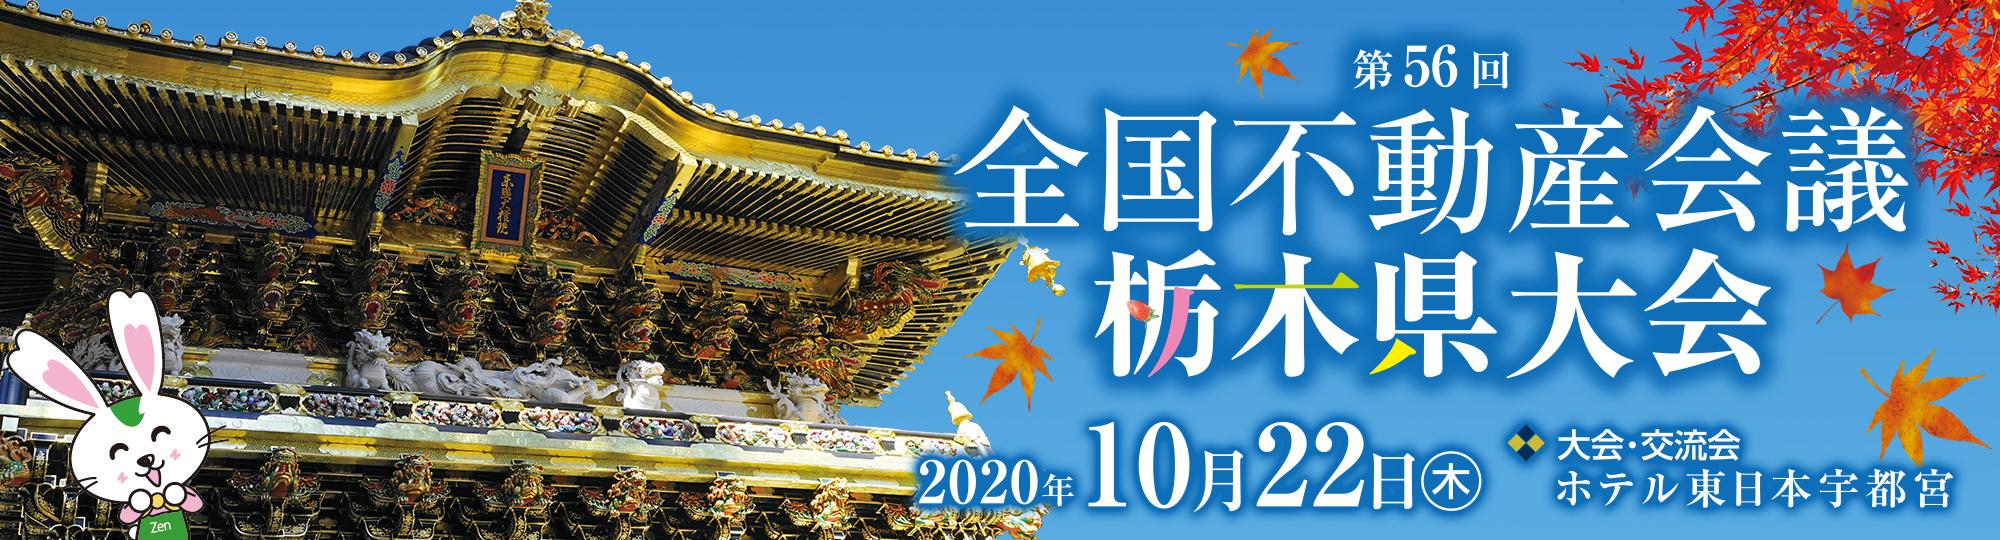 第56回全国不動産会議栃木県大会